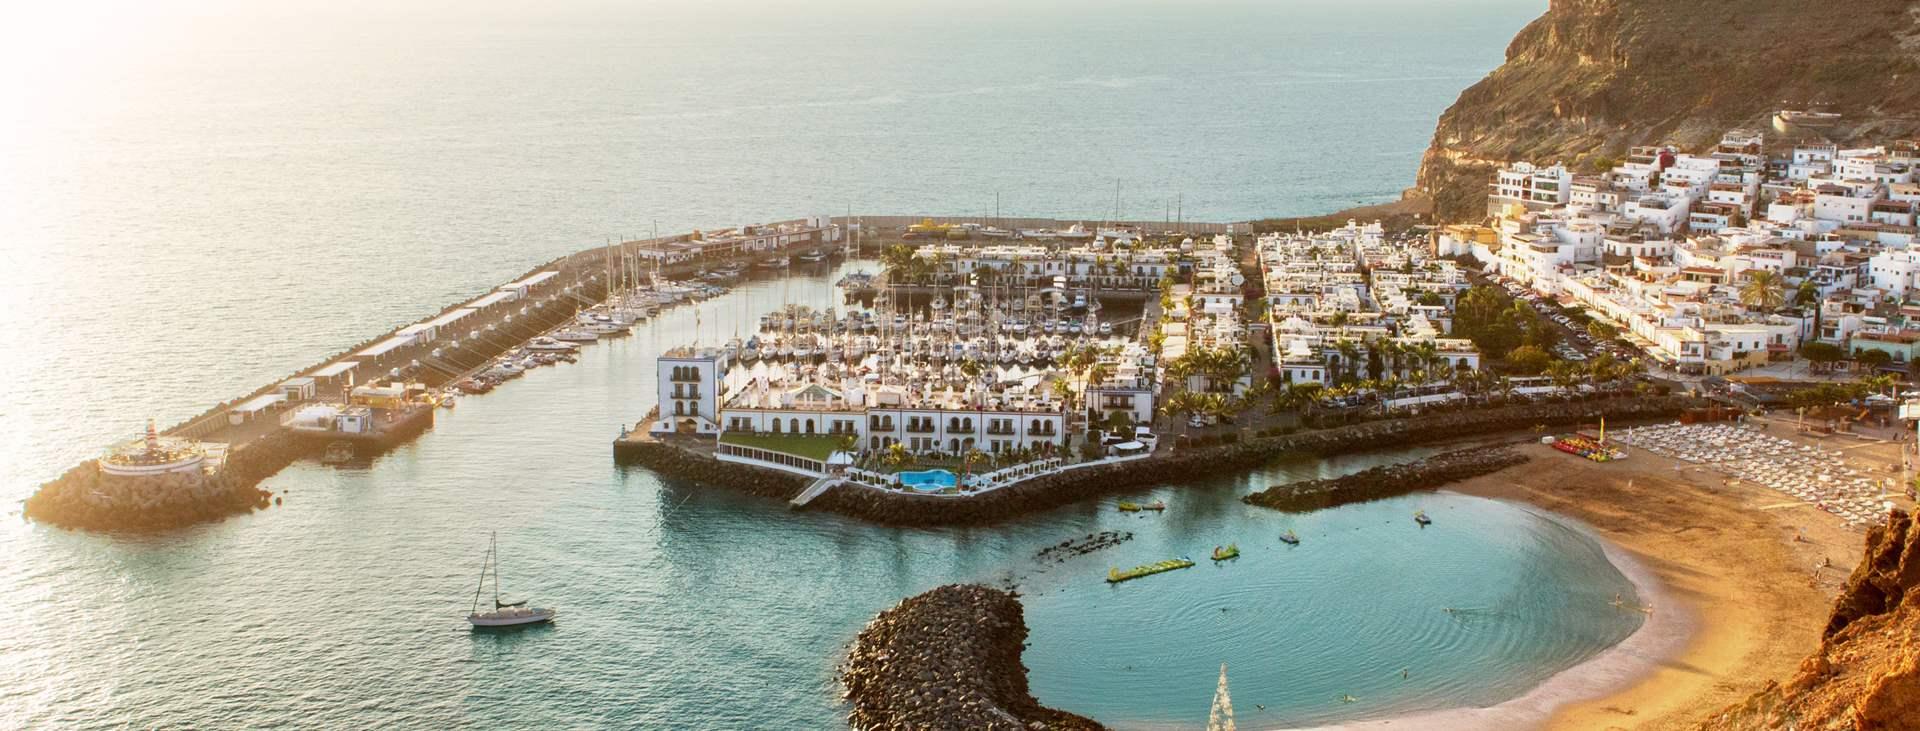 Boka din resa till Puerto de Mogán på Gran Canaria med Ving